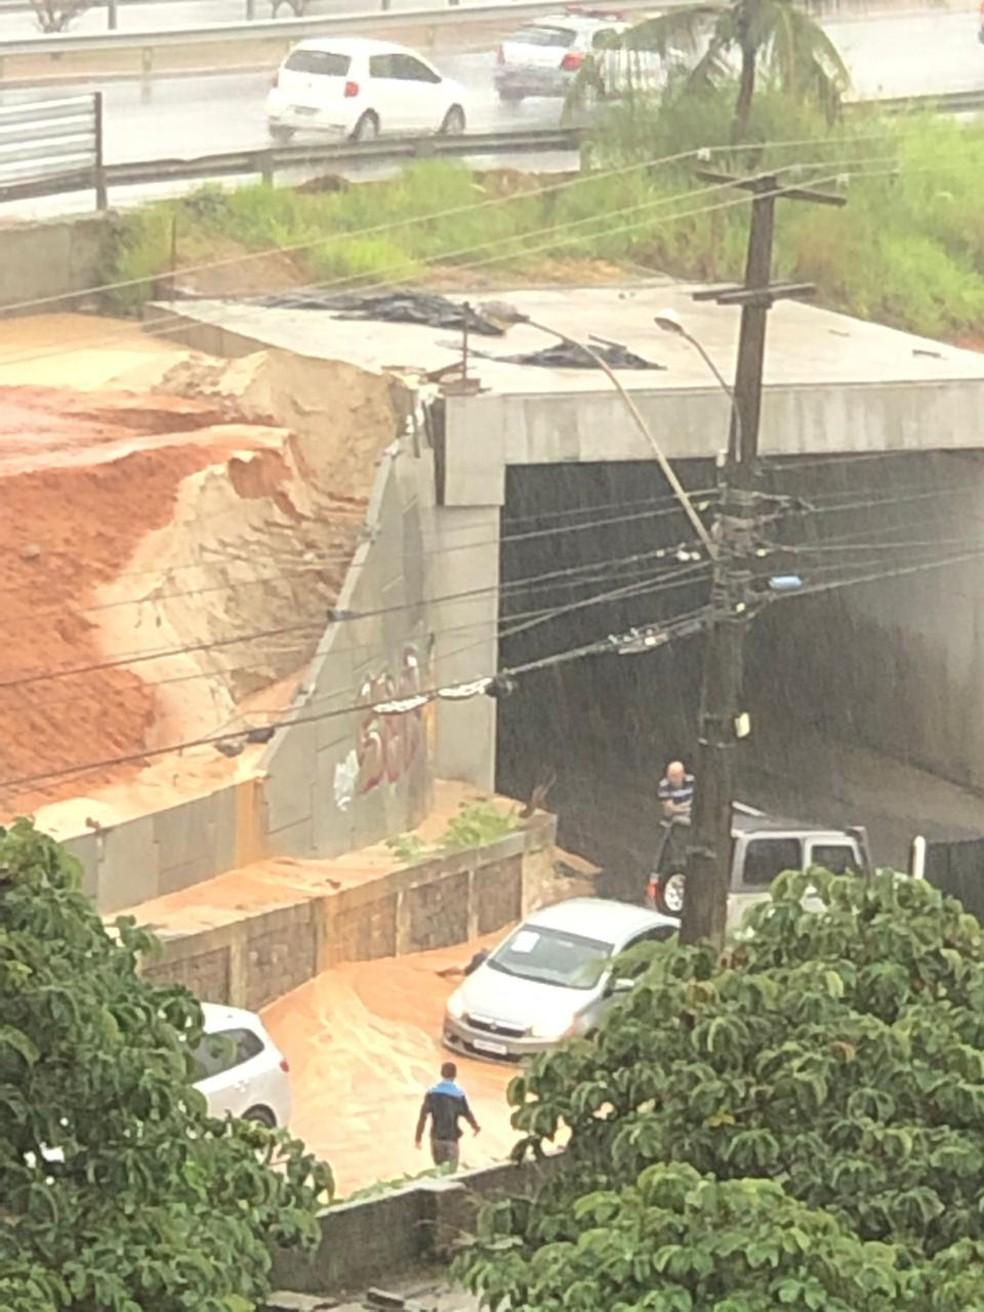 Terra cede ao lado de túnel de Neópolis, próximo a supermercado atacadista, na Zona Sul de Natal — Foto: Redes sociais